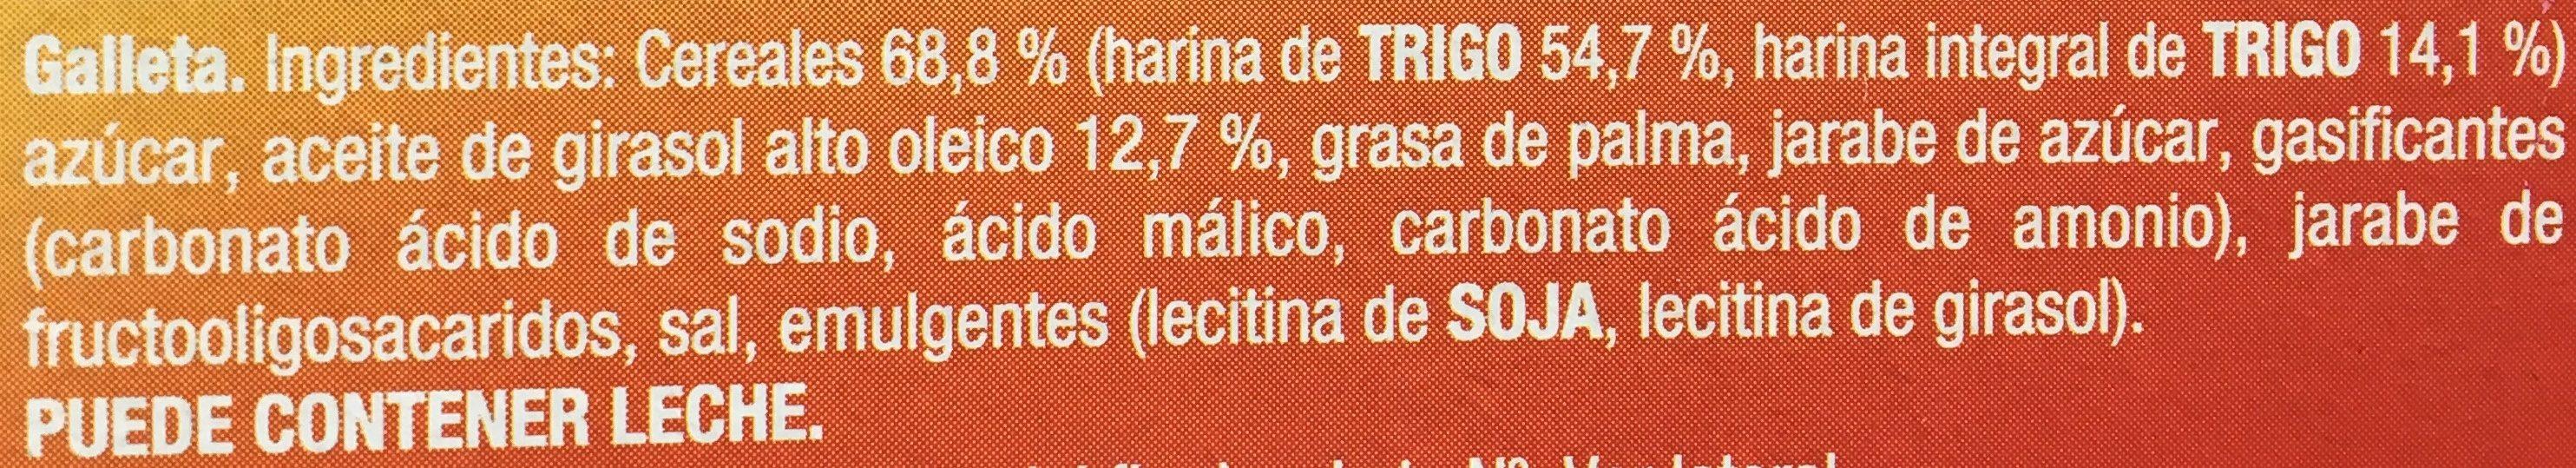 Galleta Fontaneda Digestive Paquete De 400 G 41167 - Ingredientes - es